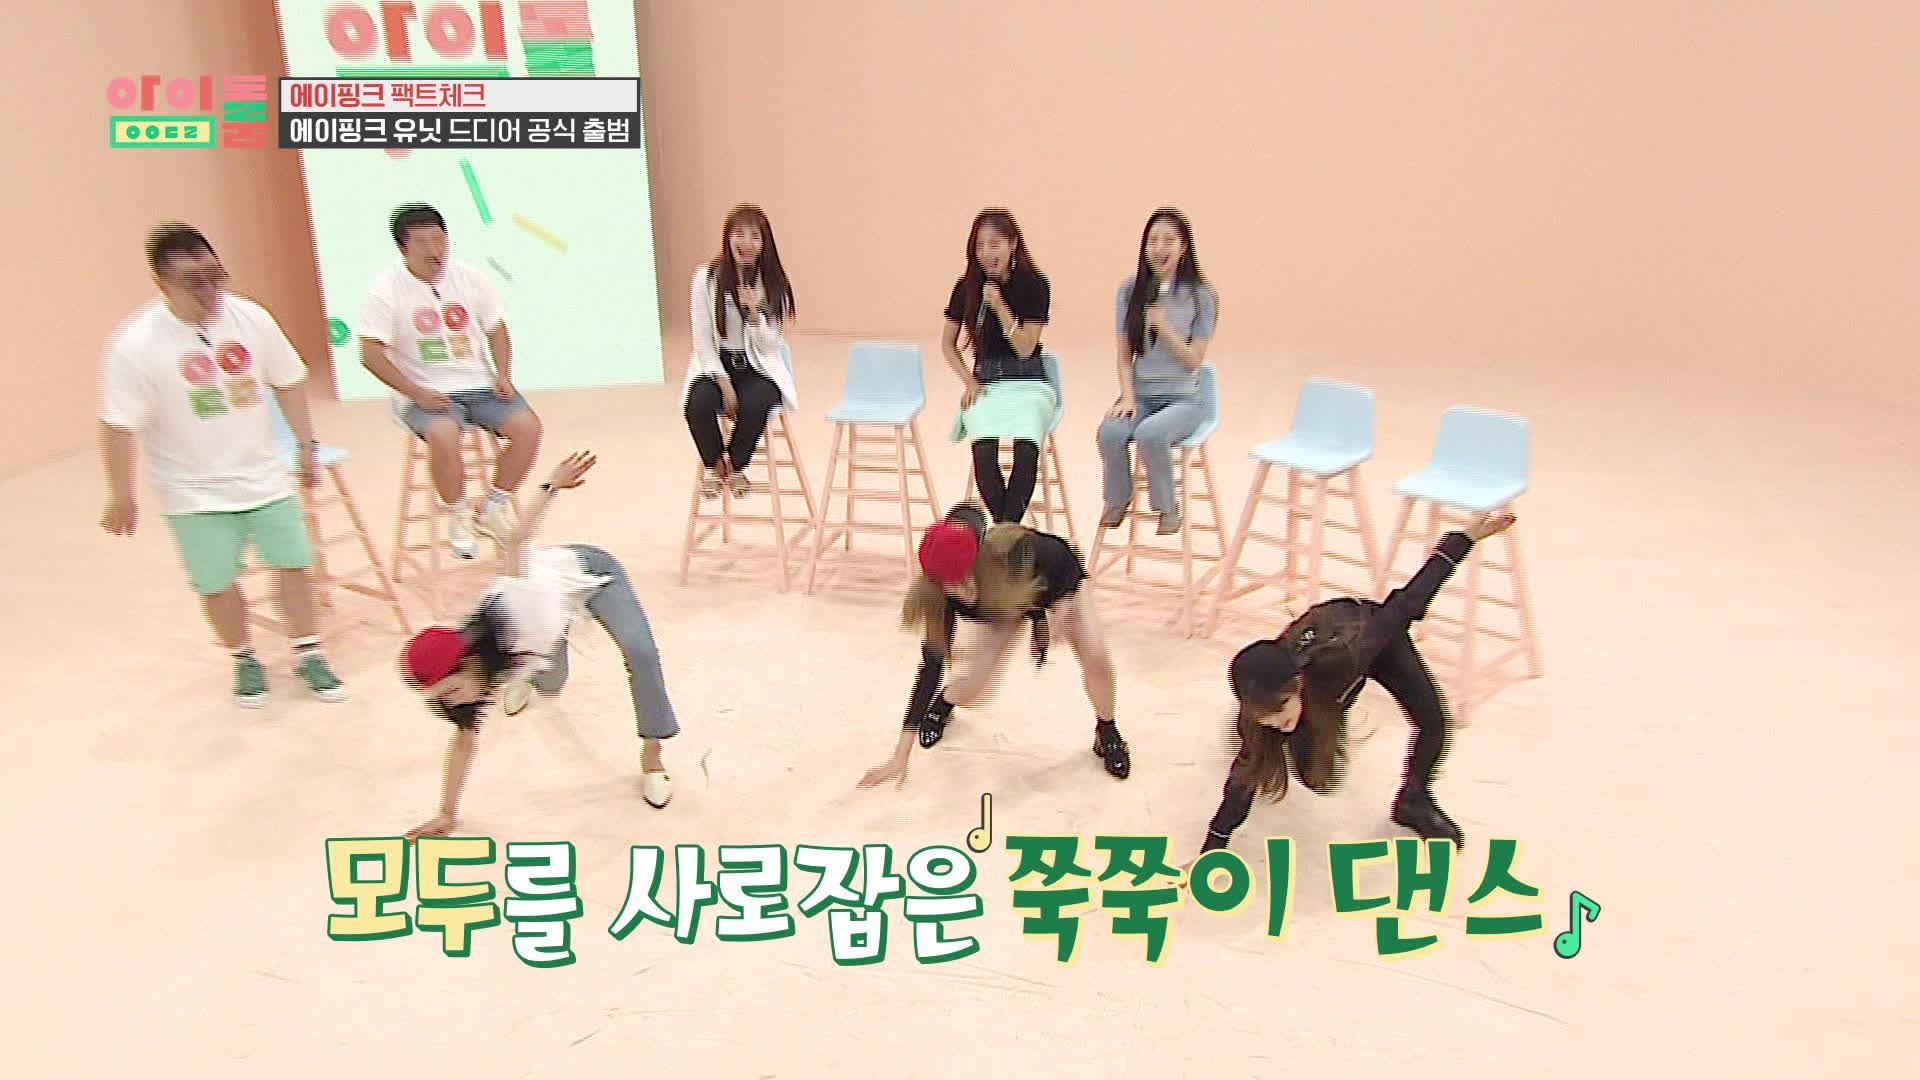 아이돌룸(IDOL ROOM) 9회 - 남다른 스웩의 에이핑크 유닛 '초롱이와 라이들' Cho Rong's crew, full of swag